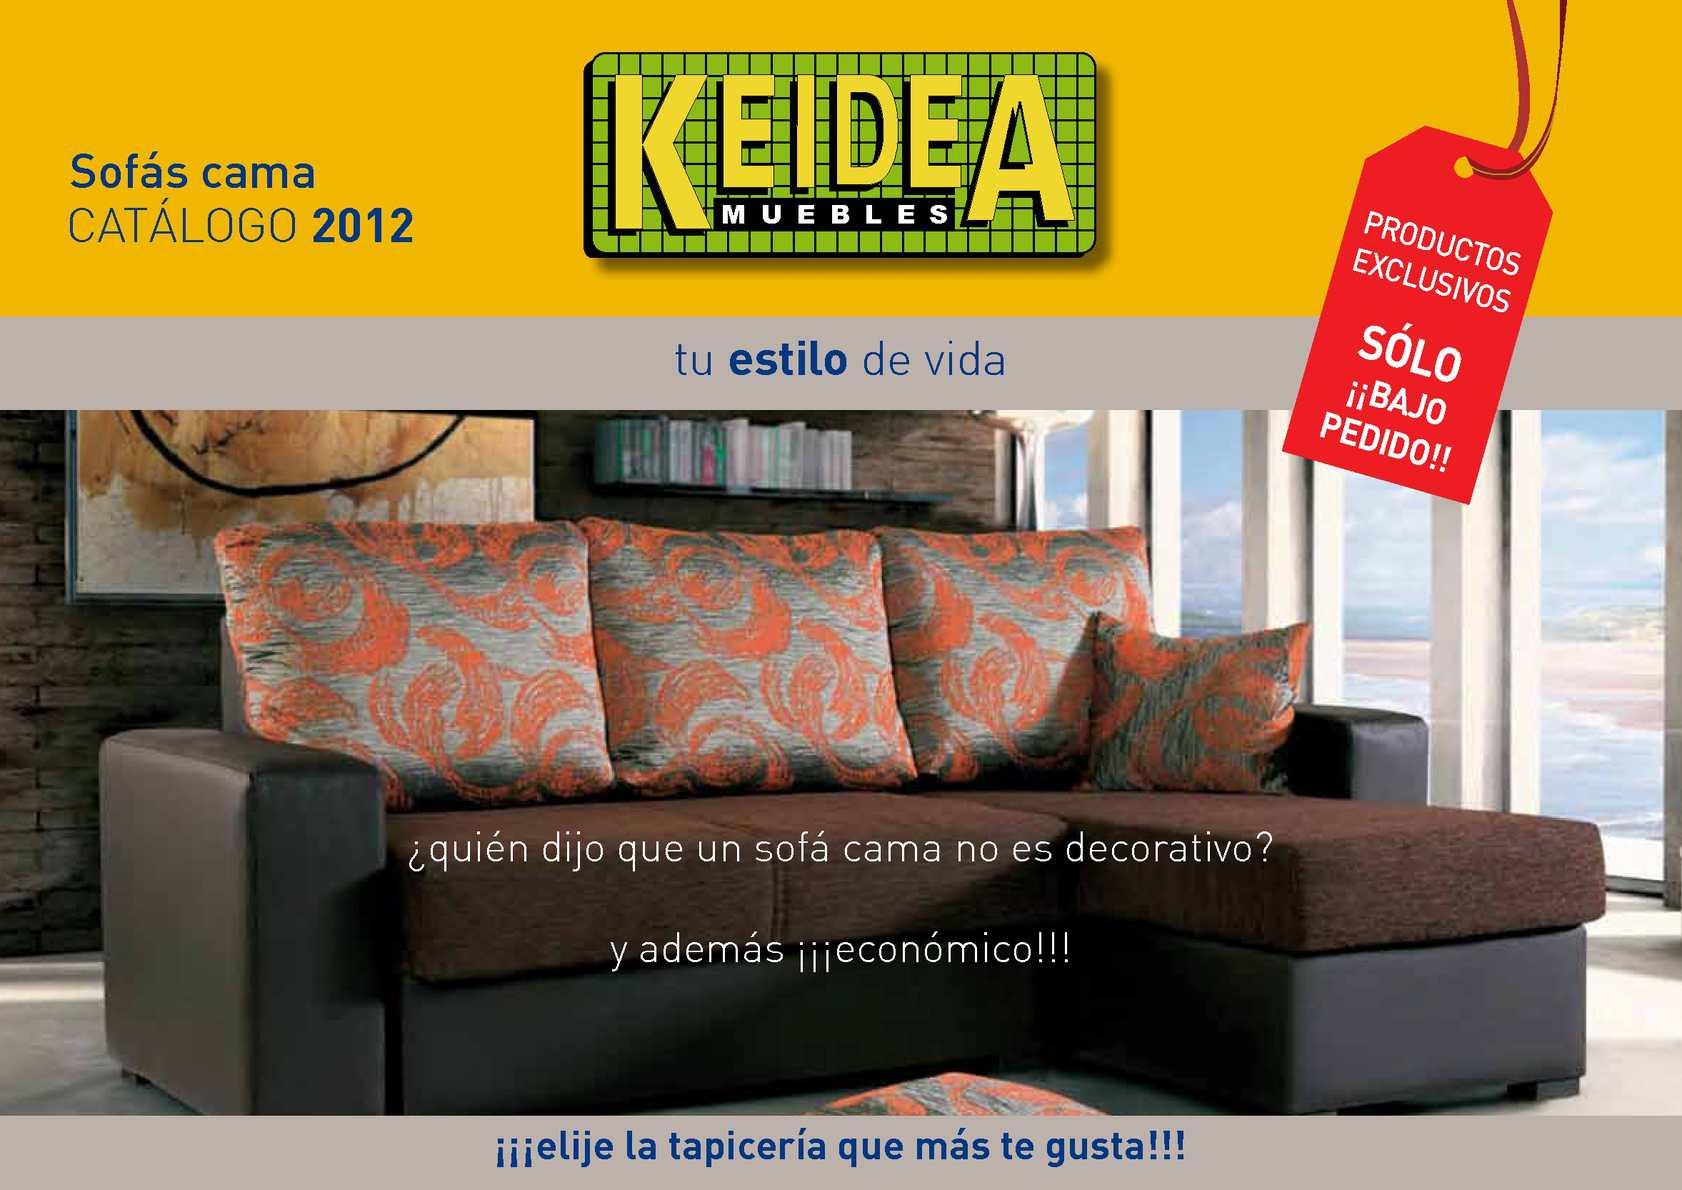 Calam o sof s camas colecci n 2012 keidea muebles for Keidea catalogo